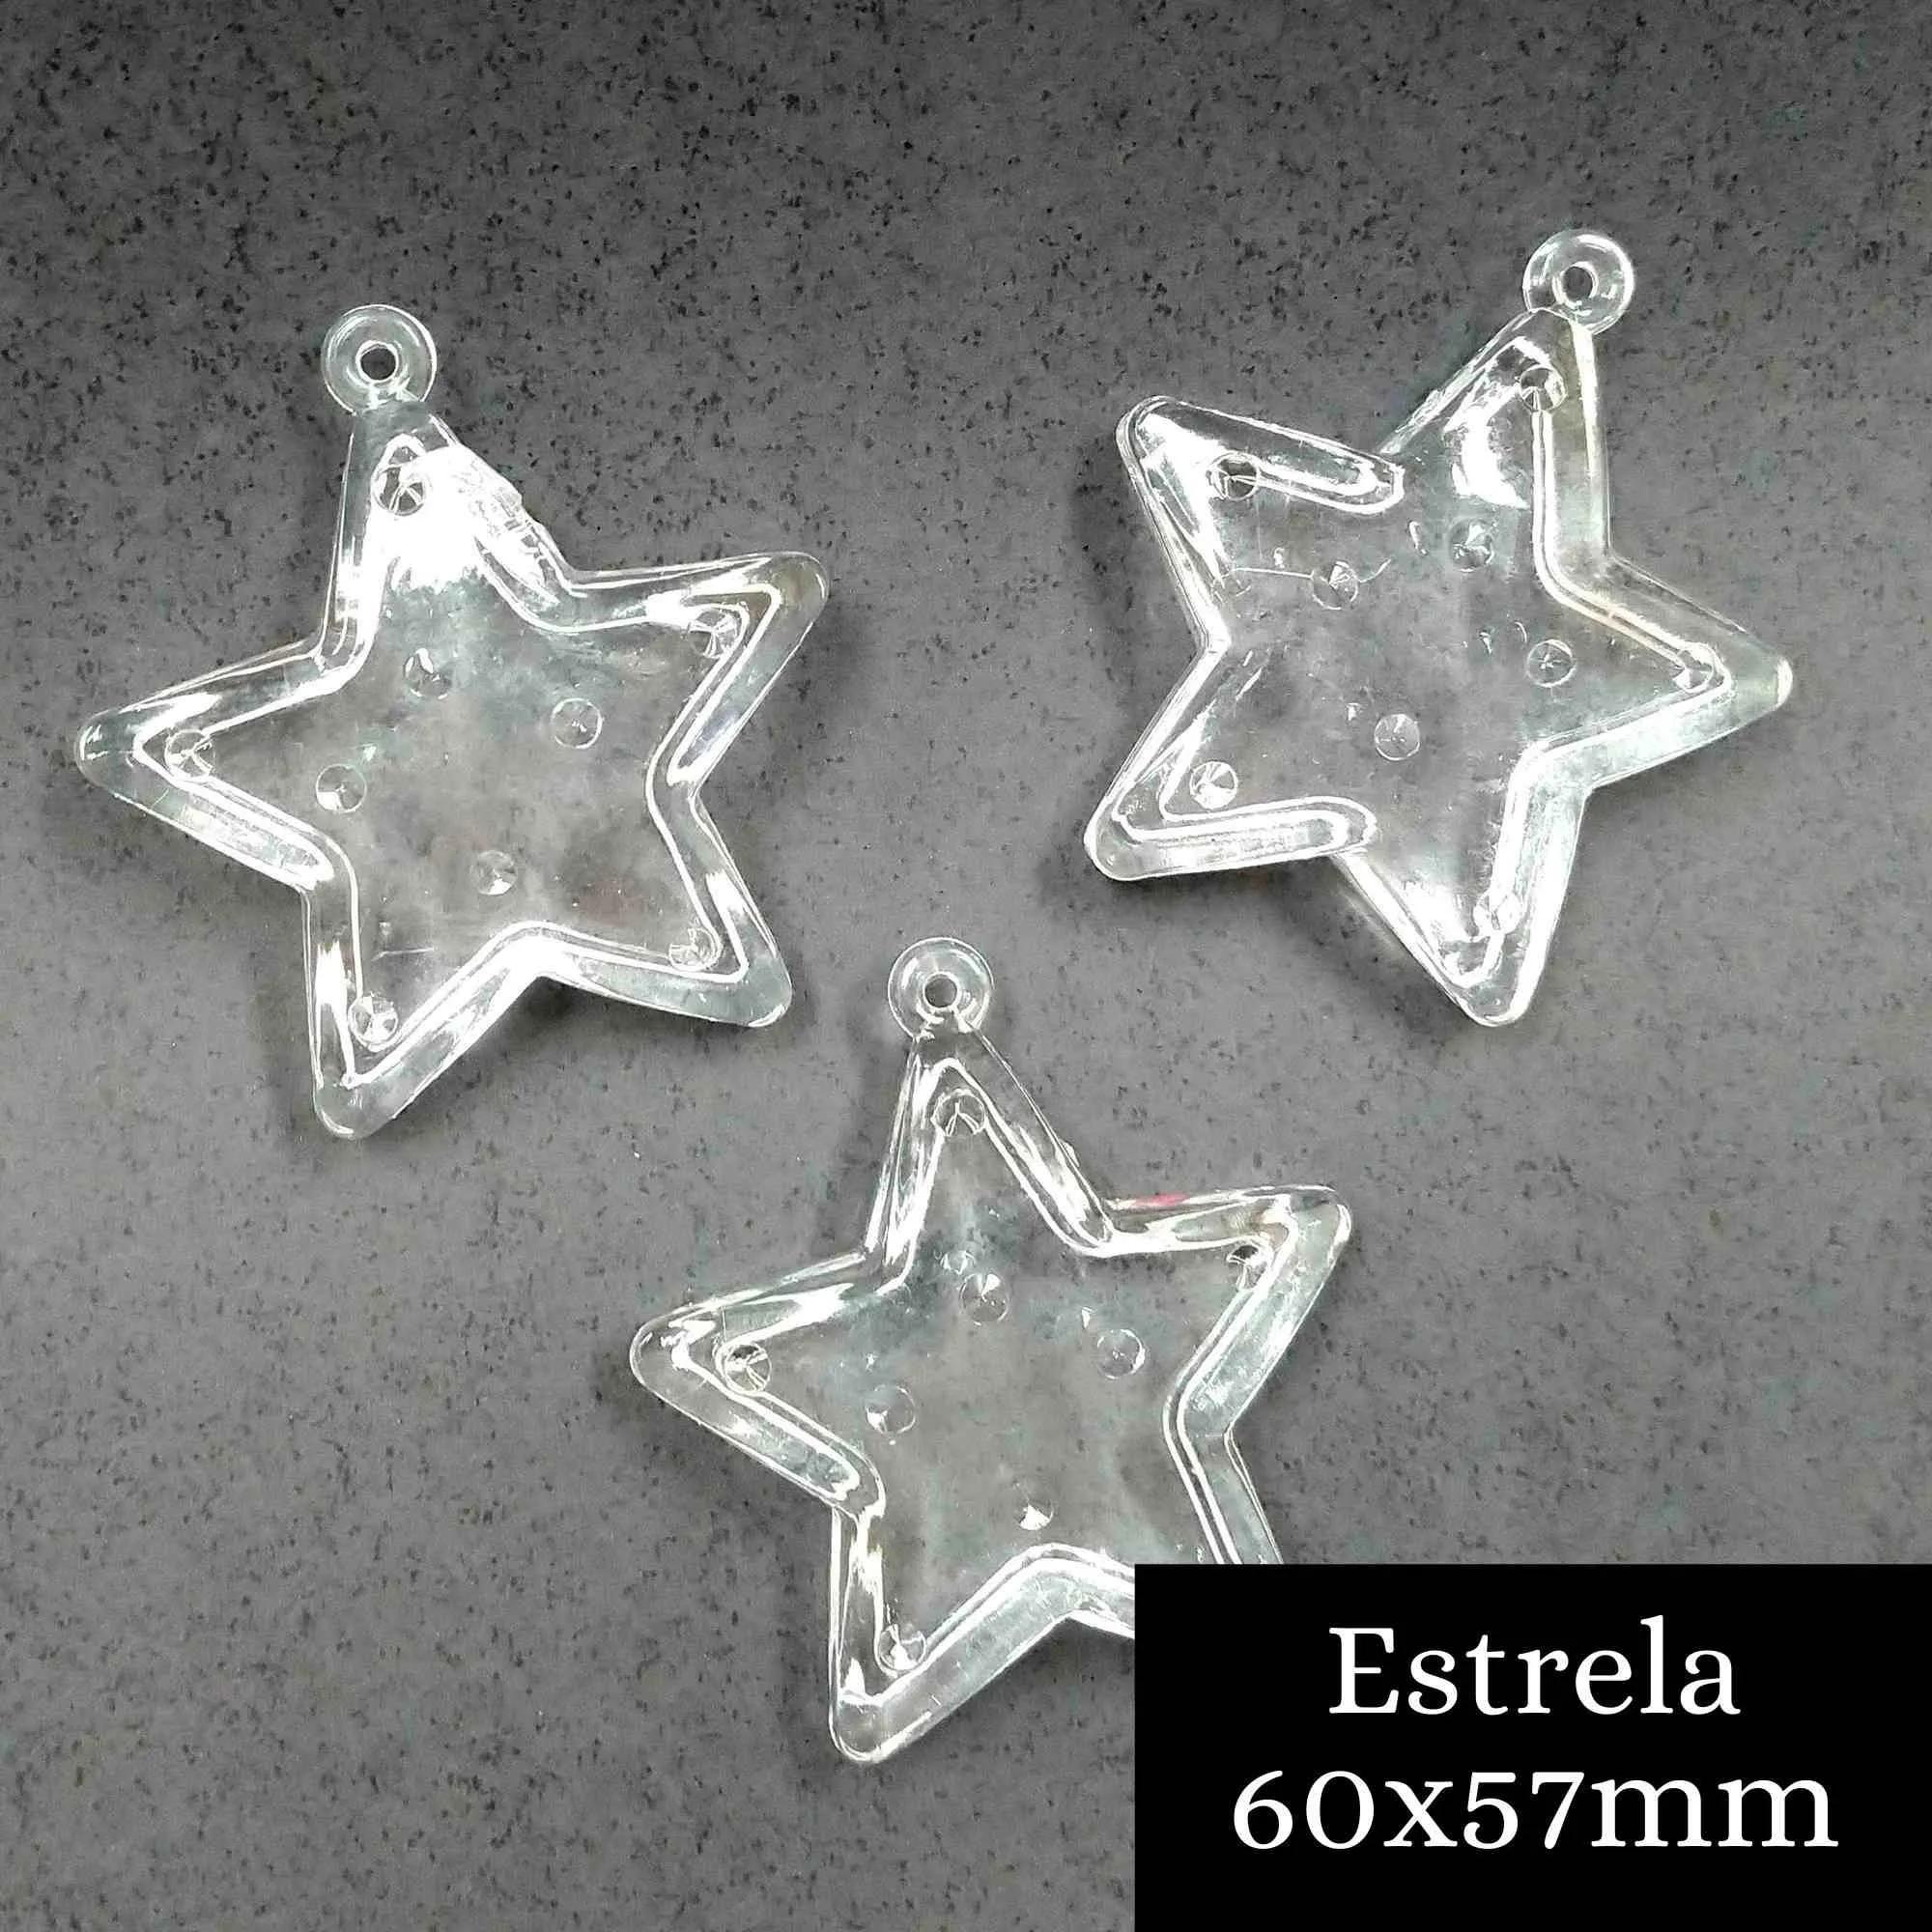 Pingente Acrílico Estrela 60x57mm - 1 unidade